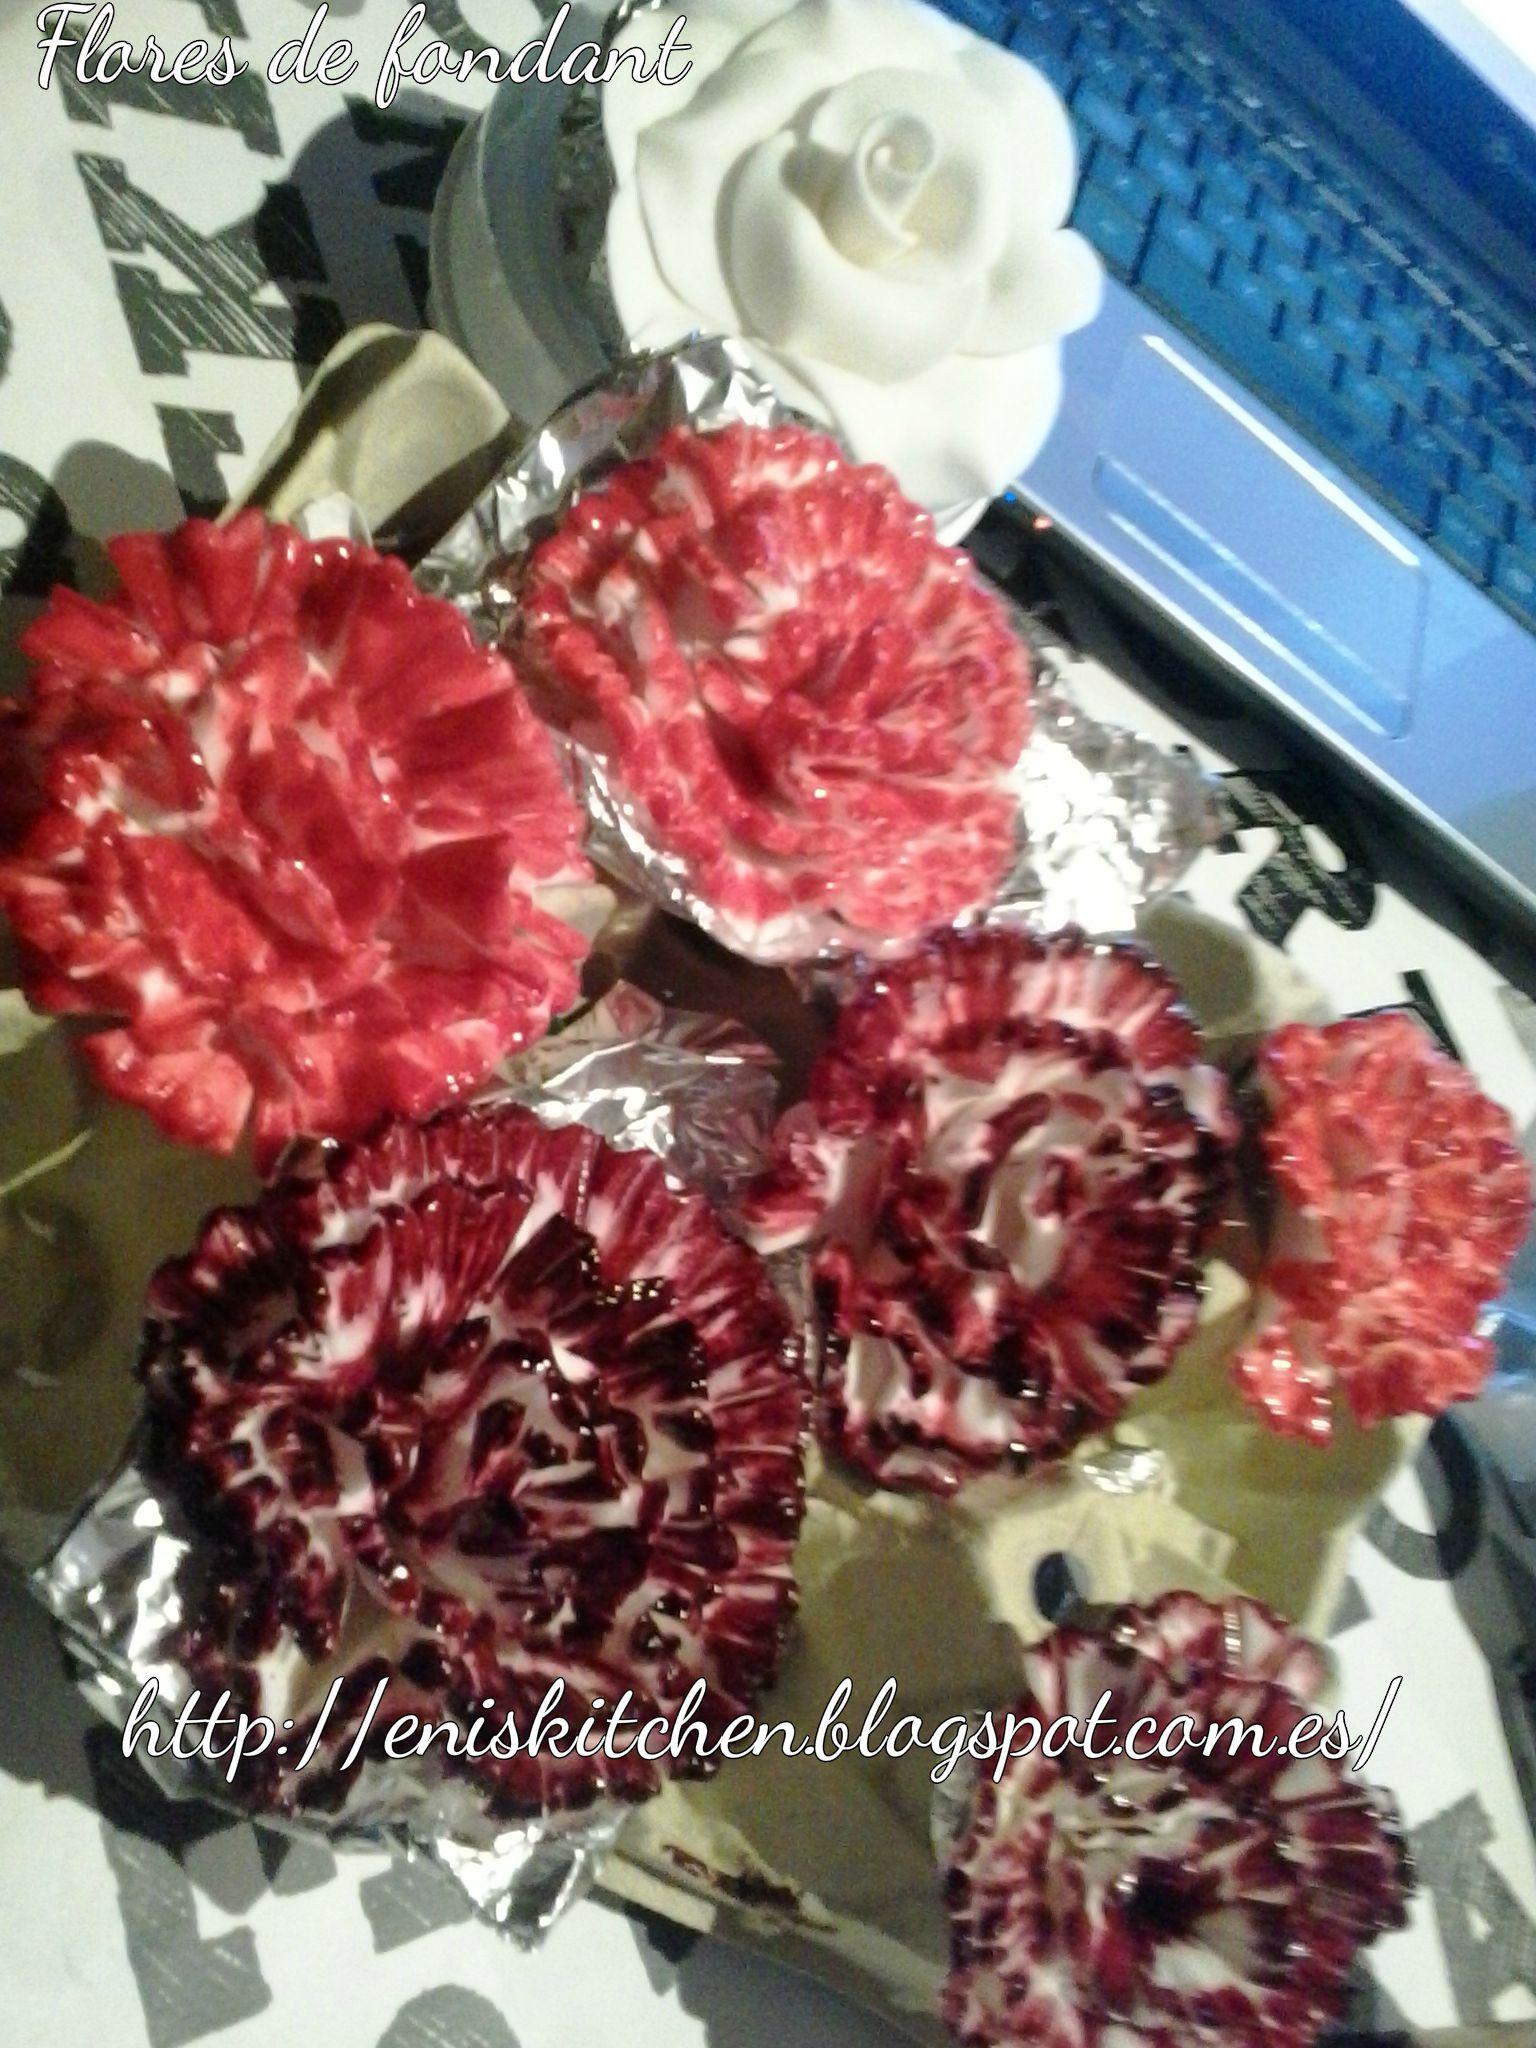 Flores de fondant-rosas, claveles Podeis encontrar un tutorial de como modelar claveles aqui :http://eniskitchen.blogspot.com.es/2013/10/tutorial-claveles-de-fondant.html